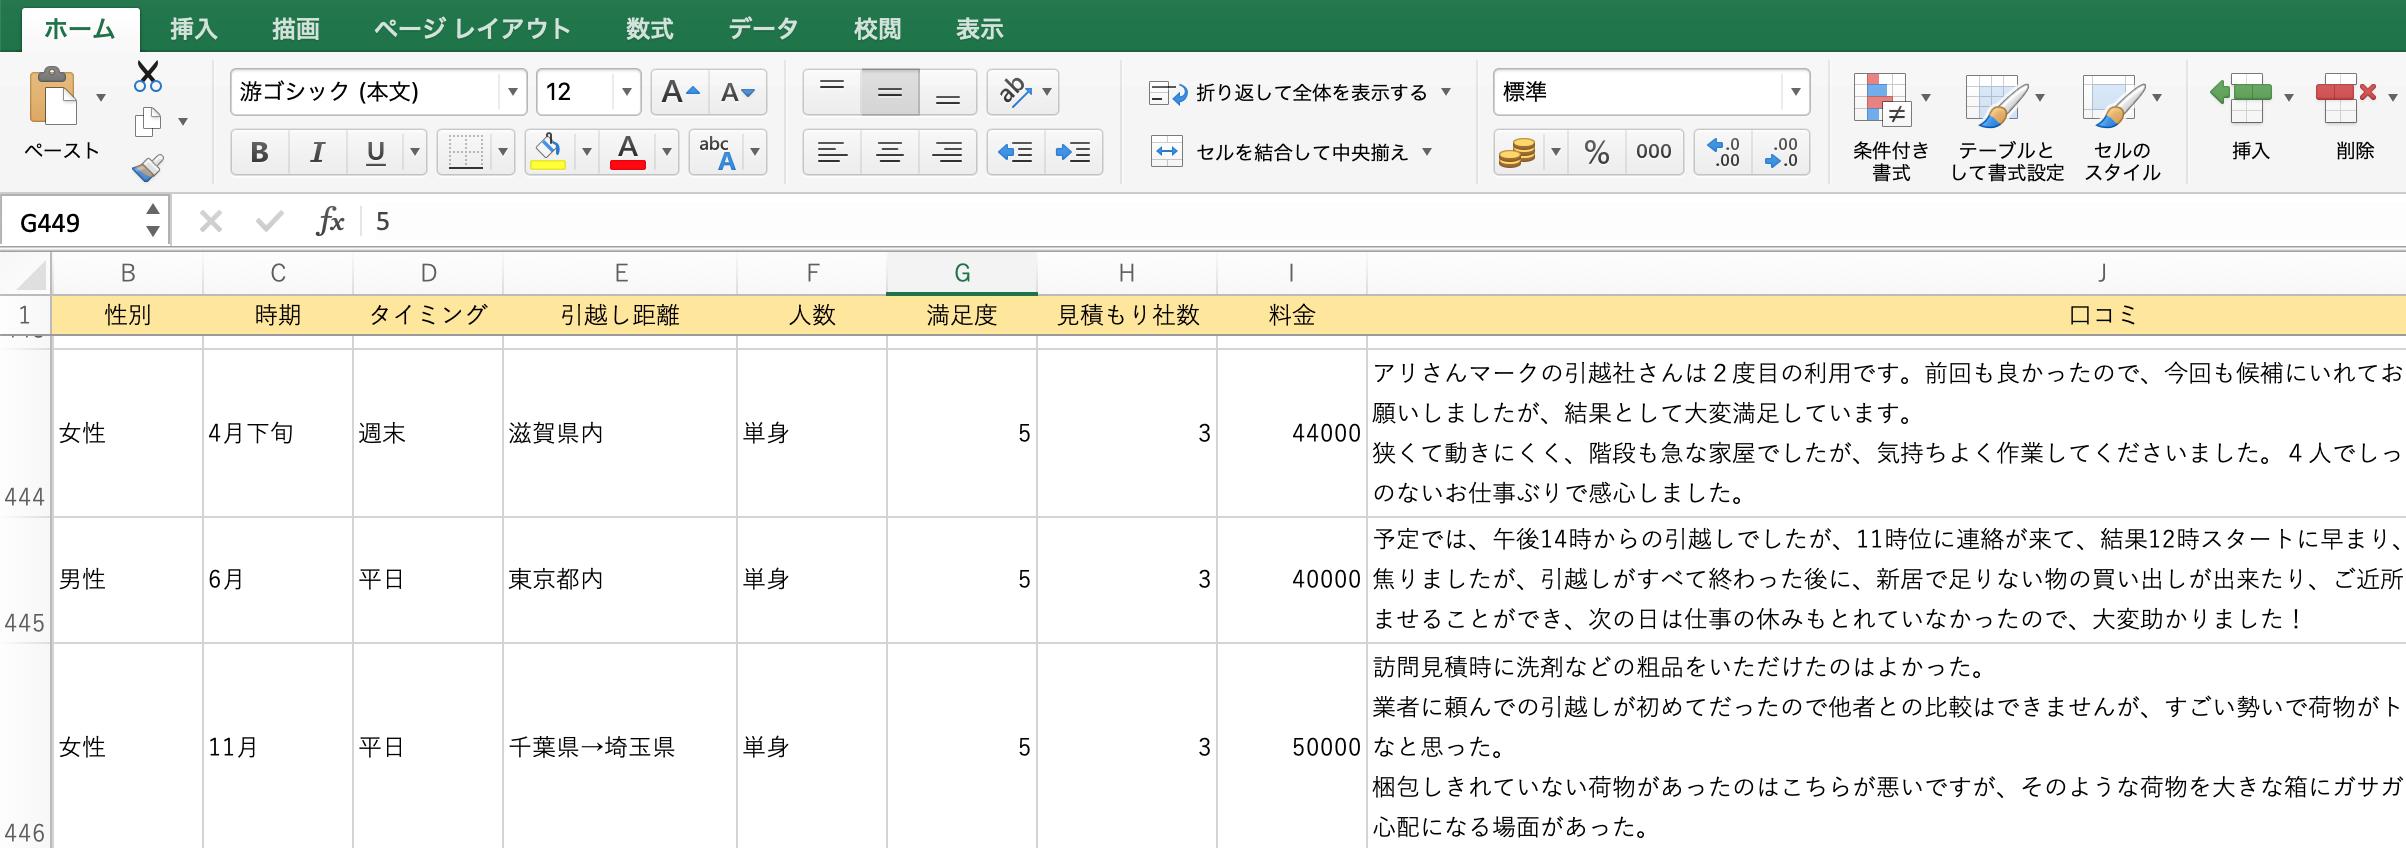 アリさんマークのの引越社の口コミ集計表